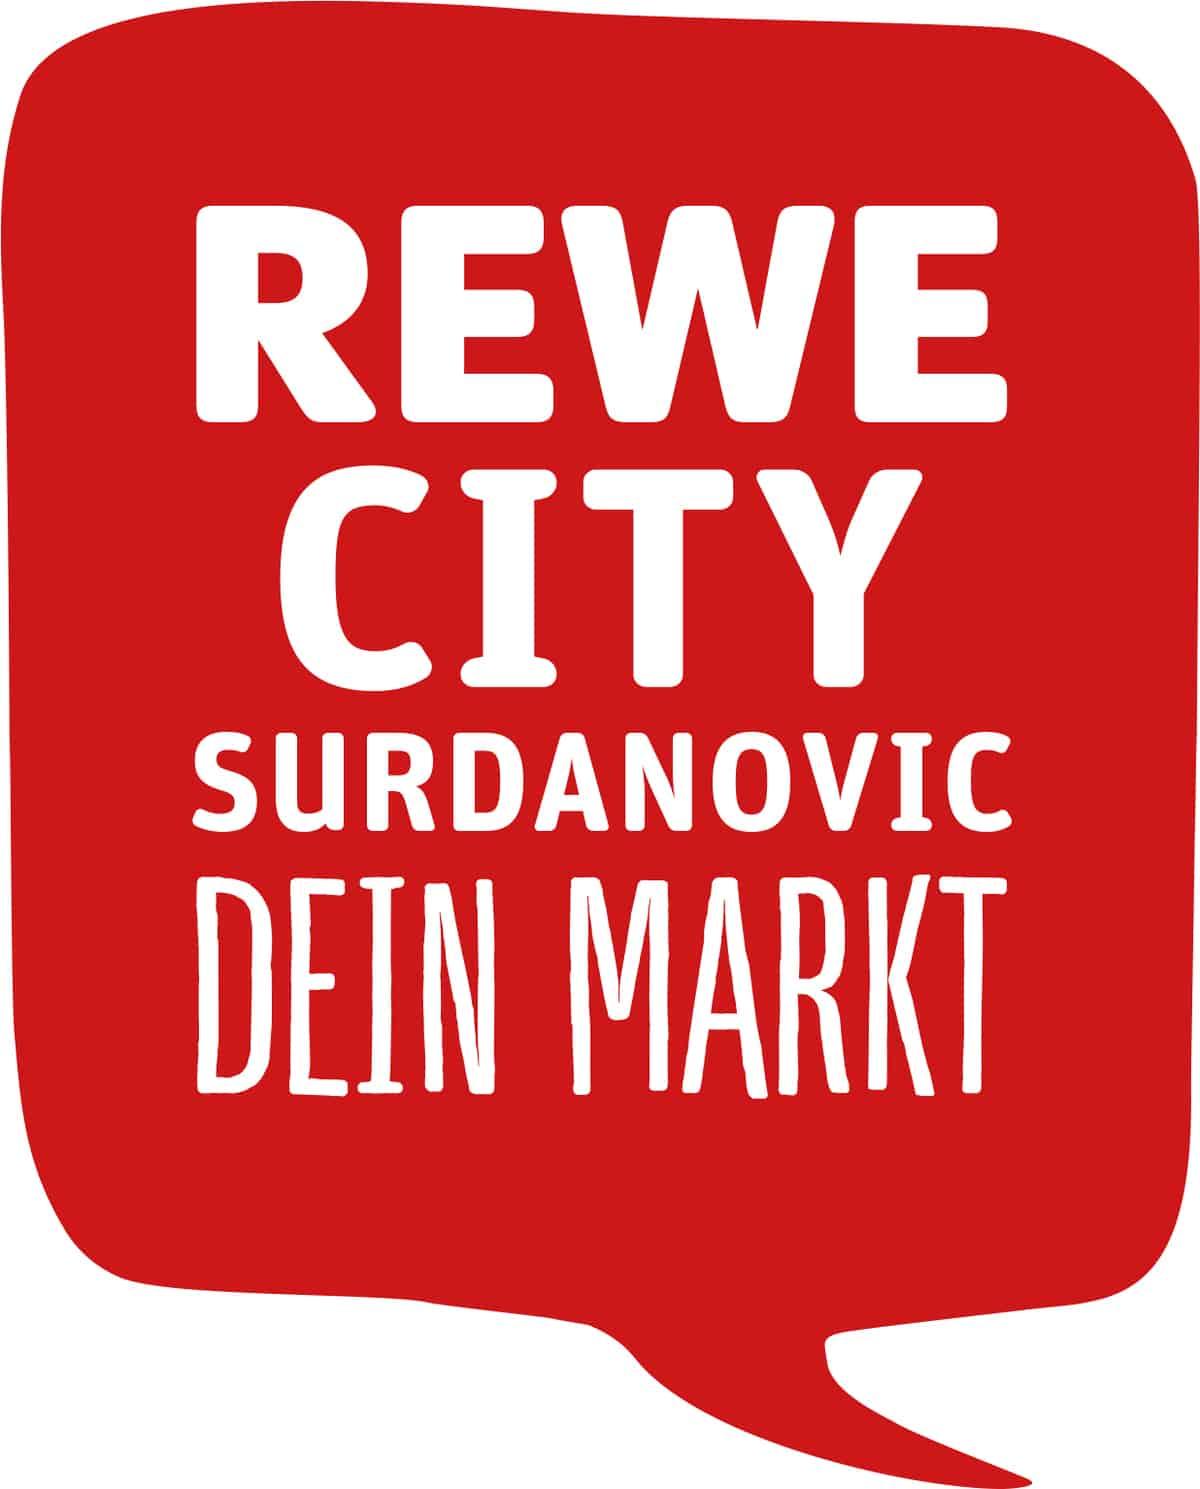 REWE CITY Surdanovic Förderkreis Esche Jugendkunsthaus Spende